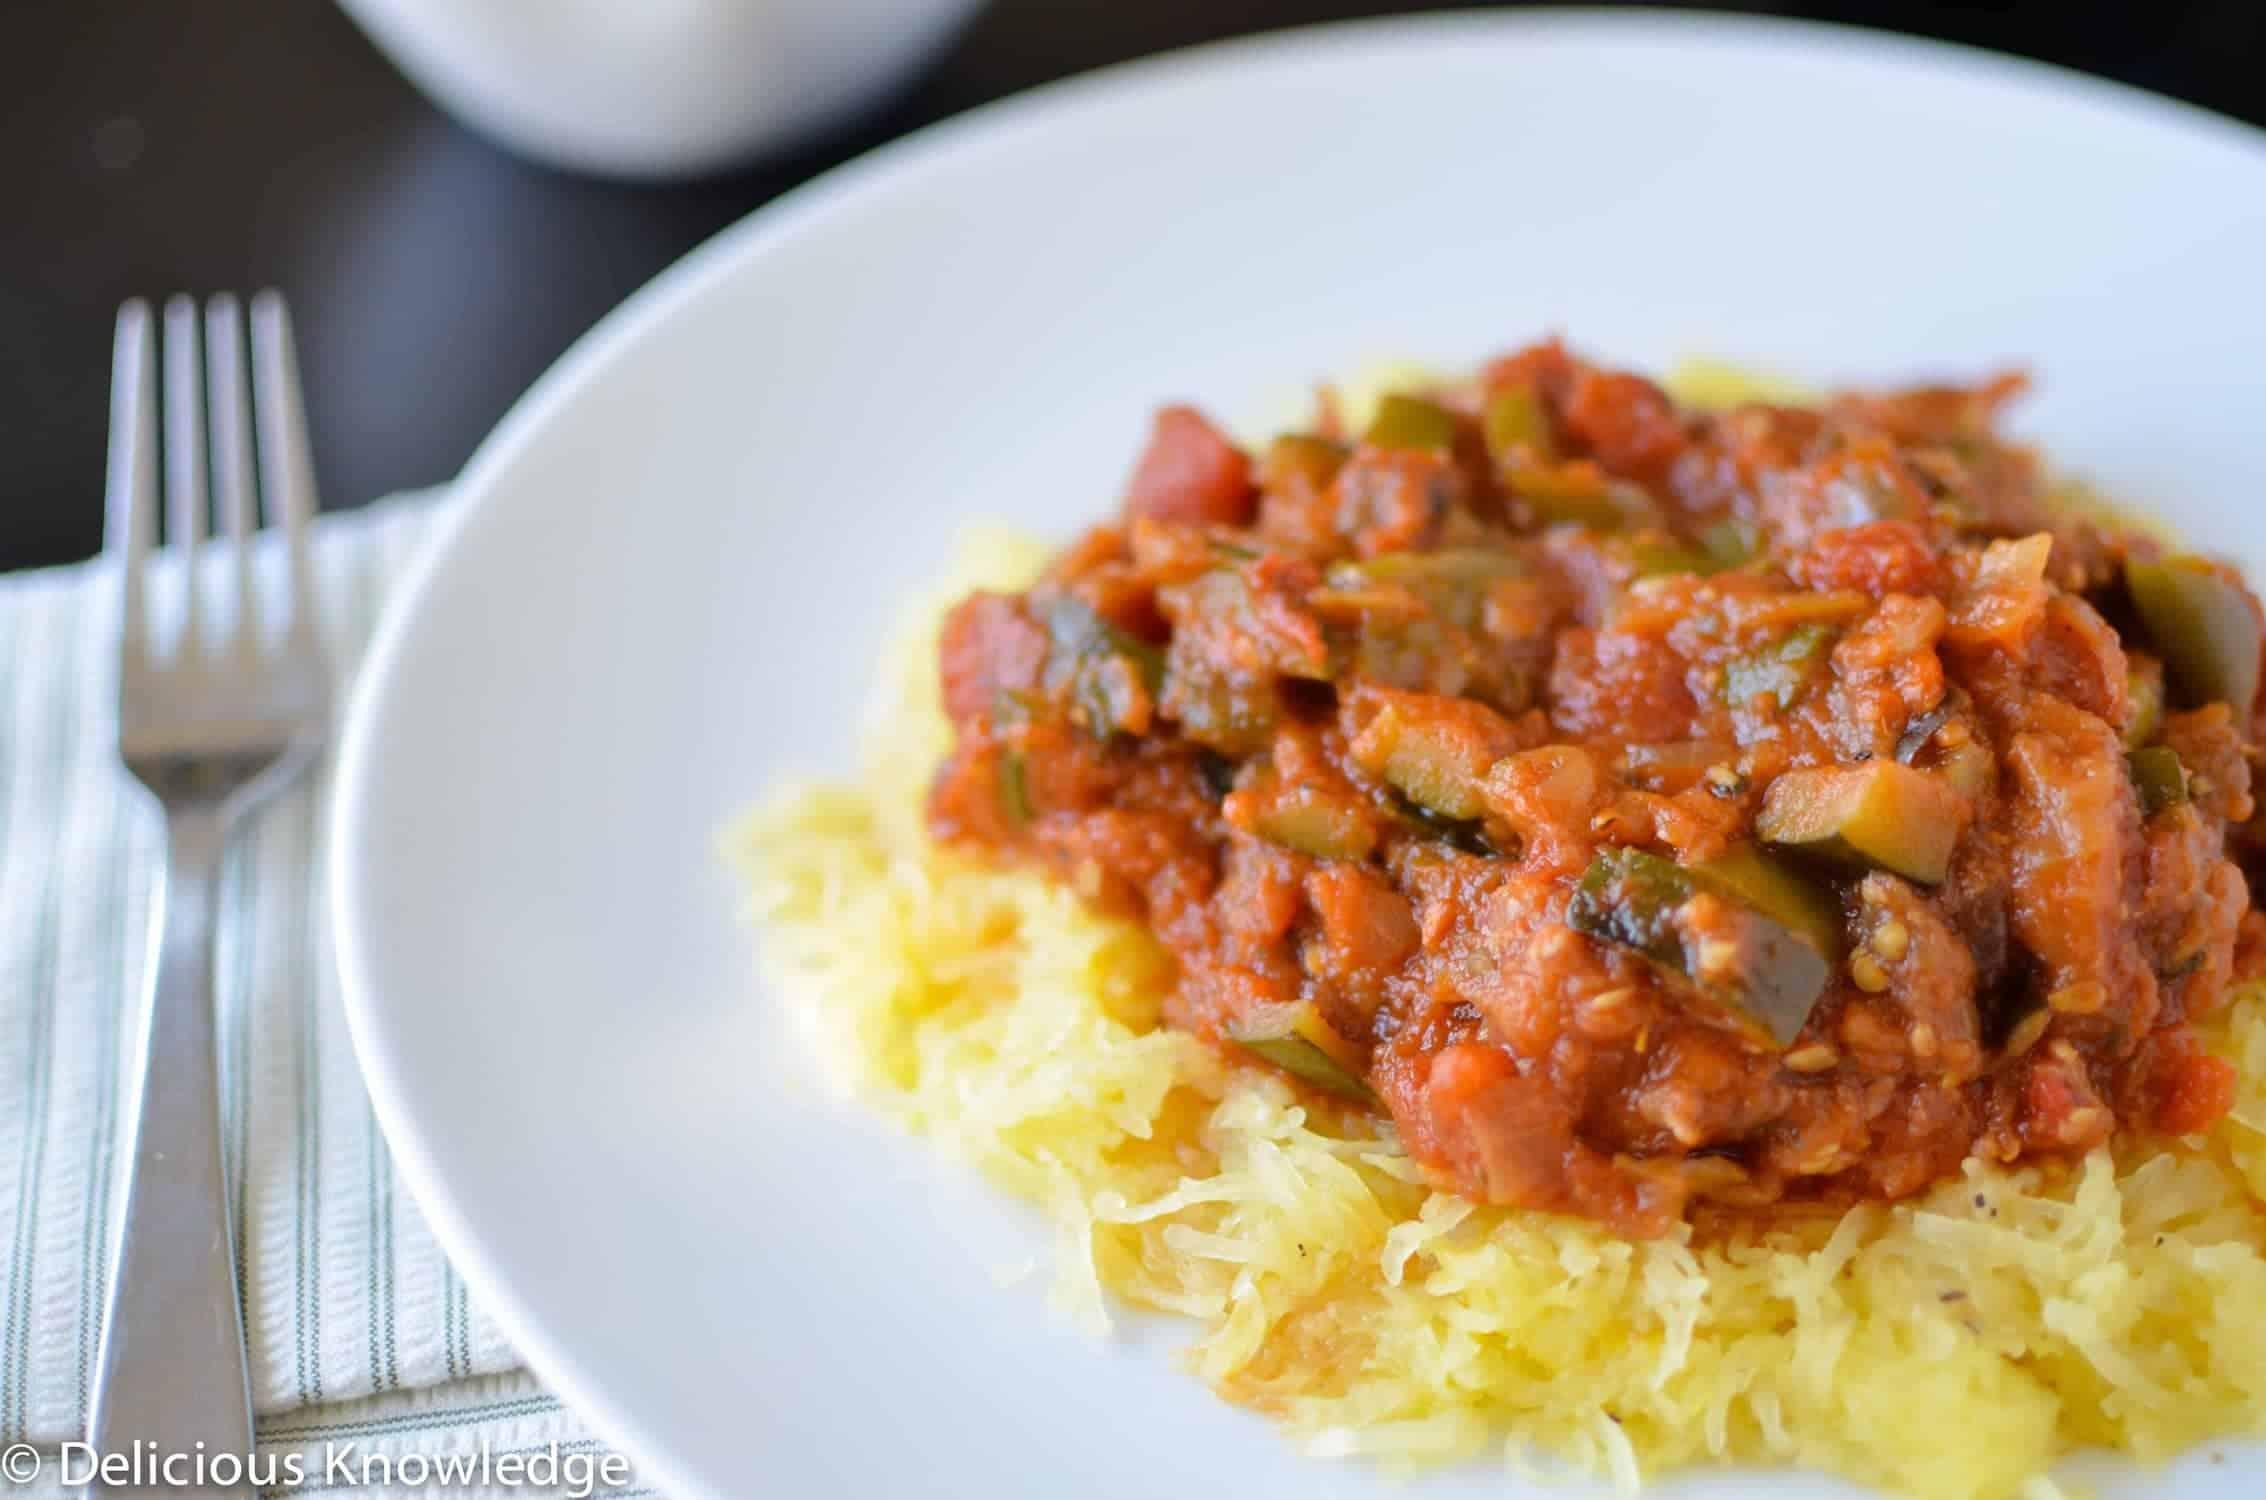 Spaghetti Squash with Ratatouille Sauce - Delish Knowledge